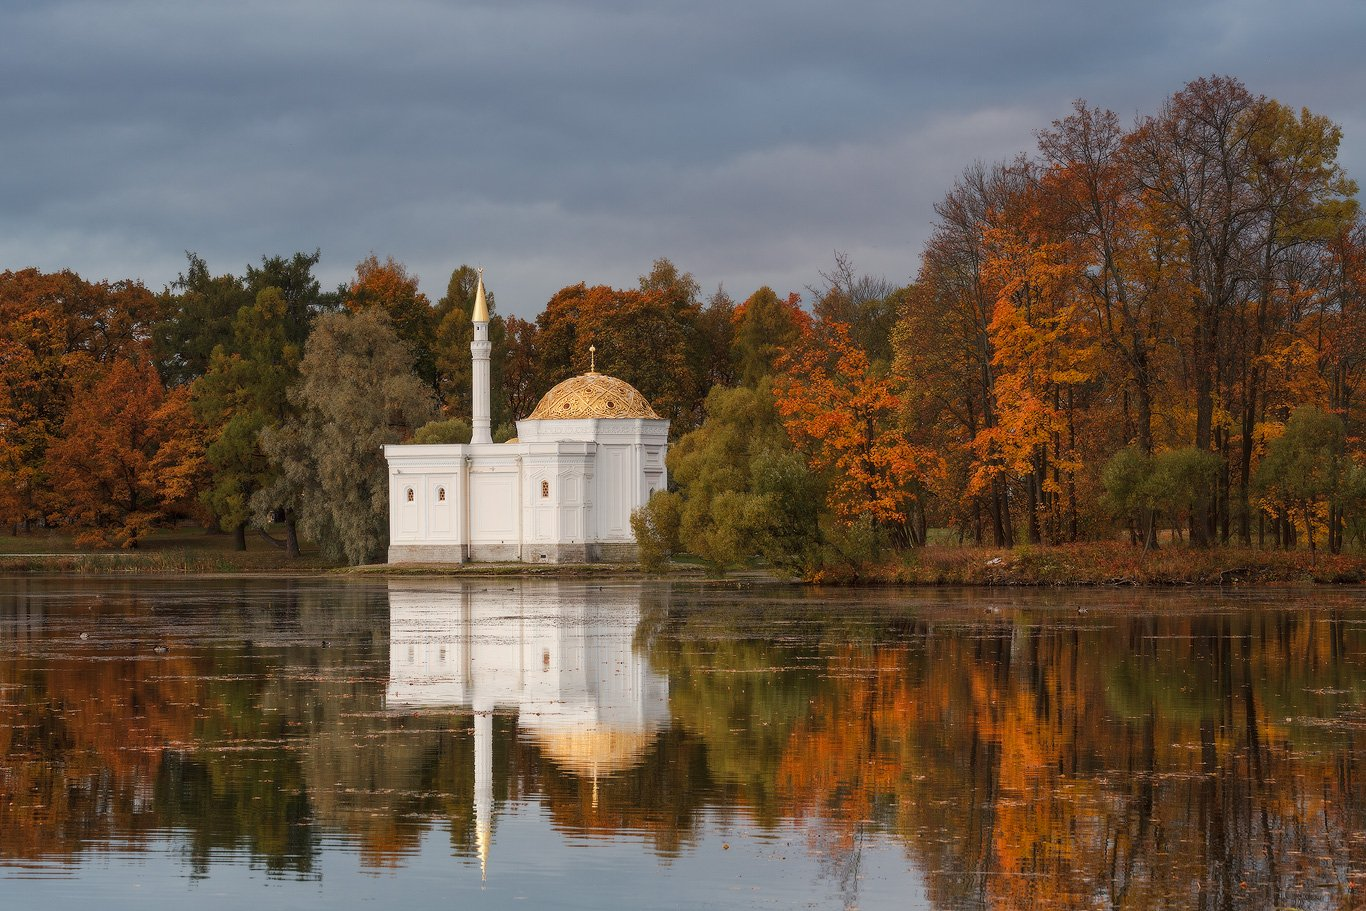 пушкин, царское, село, парк, александровский, осень, россия, Илья Штром